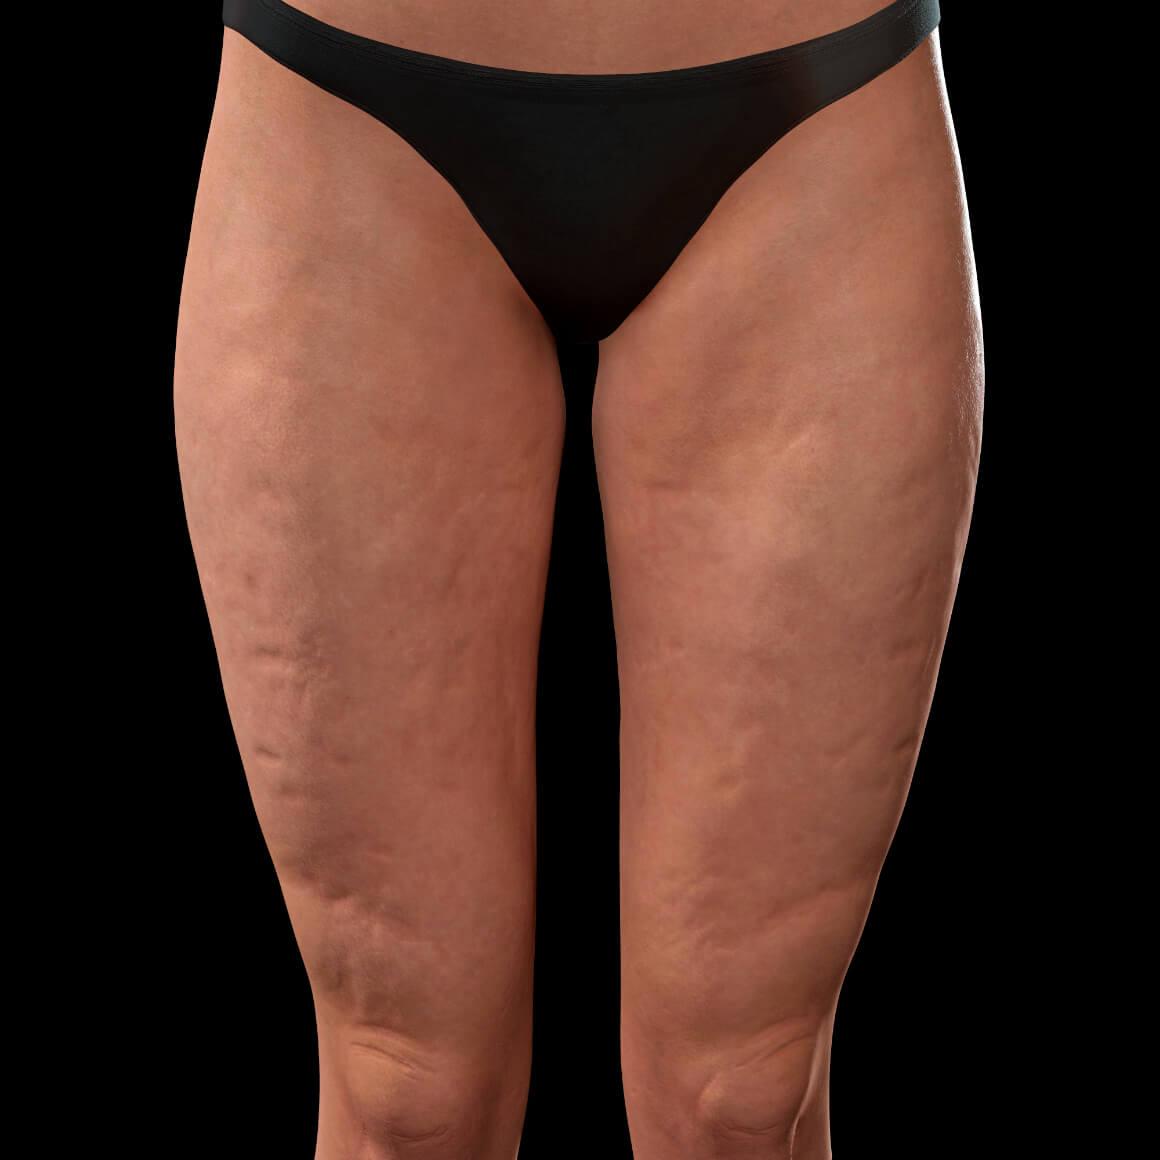 Cuisses antérieures d'une patiente de la Clinique Chloé montrant de la cellulite